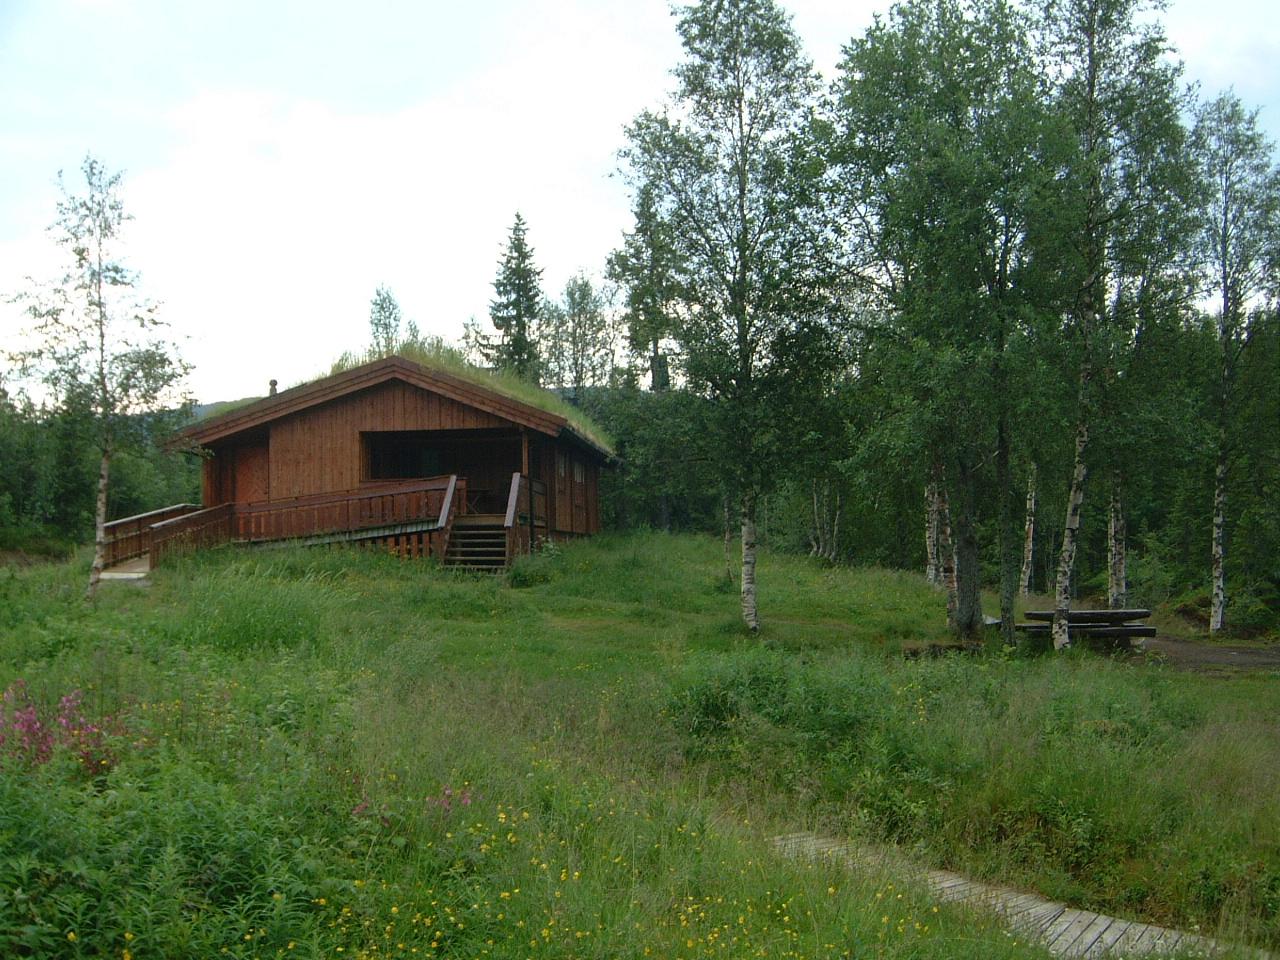 Lustadstua, Steinkjer Kommuneskoger, Innherred, hytteutleie, fiske, båt, vandring.